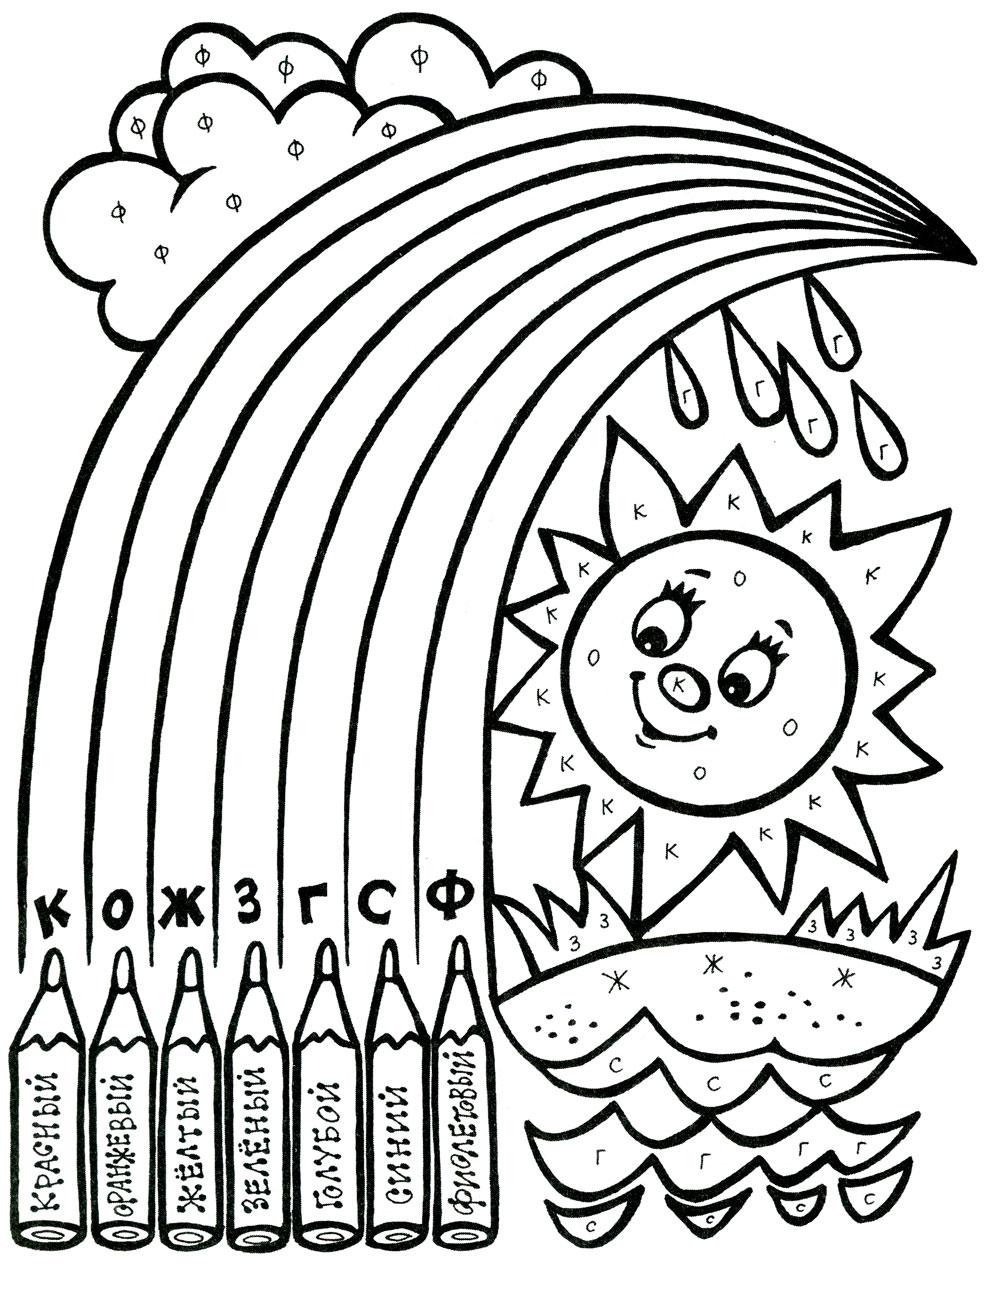 Раскраски по номерам для детей 5 лет - 6